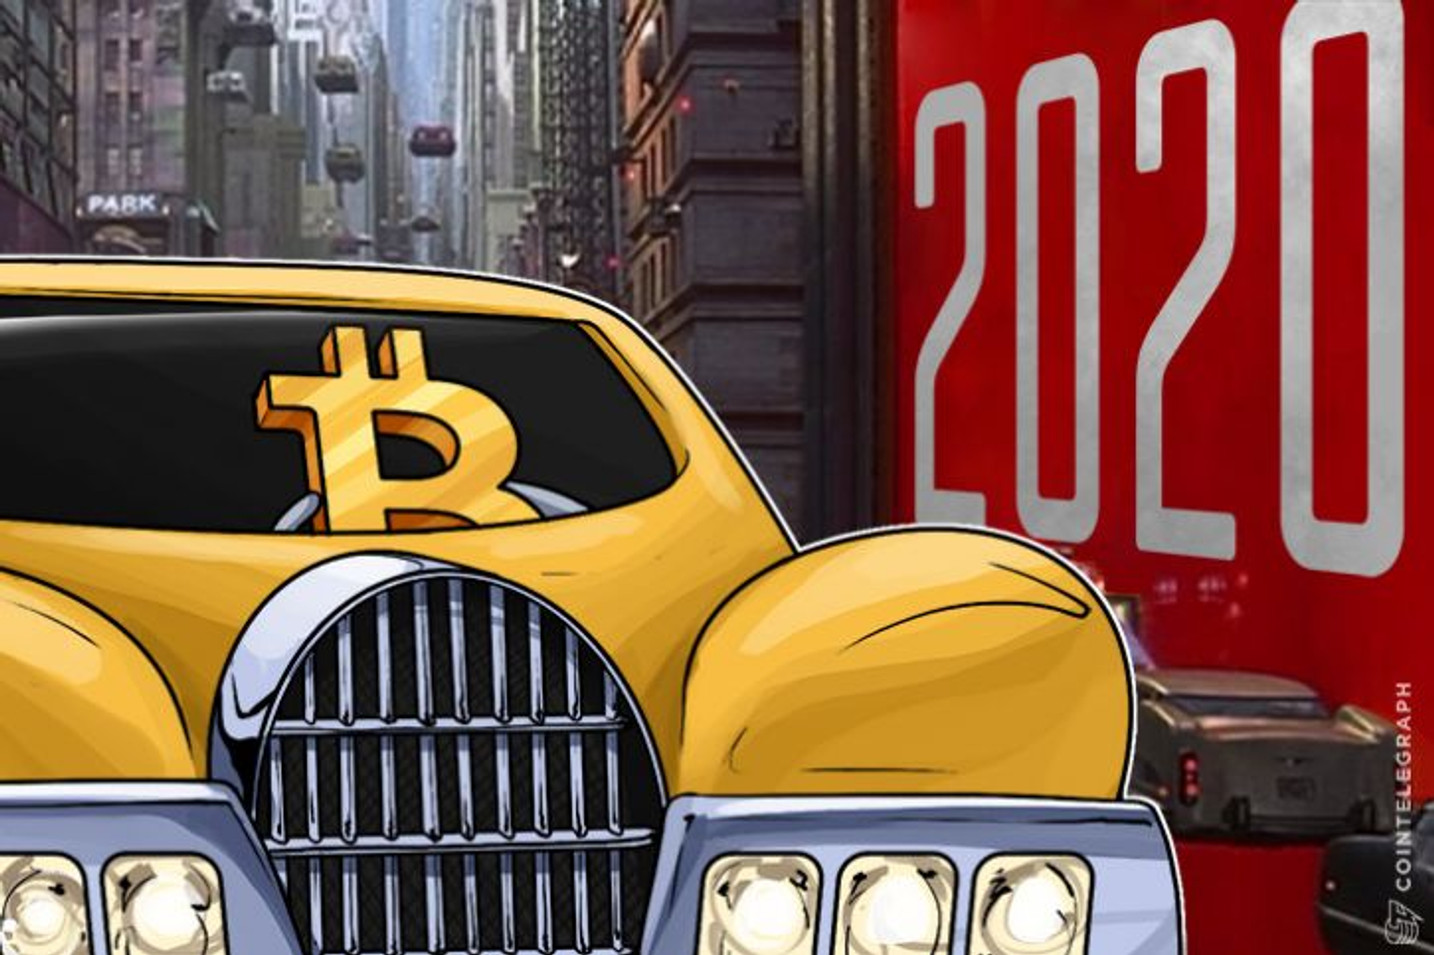 Cena bitkoina: Uz status rezervne valute, samo nebo je granica